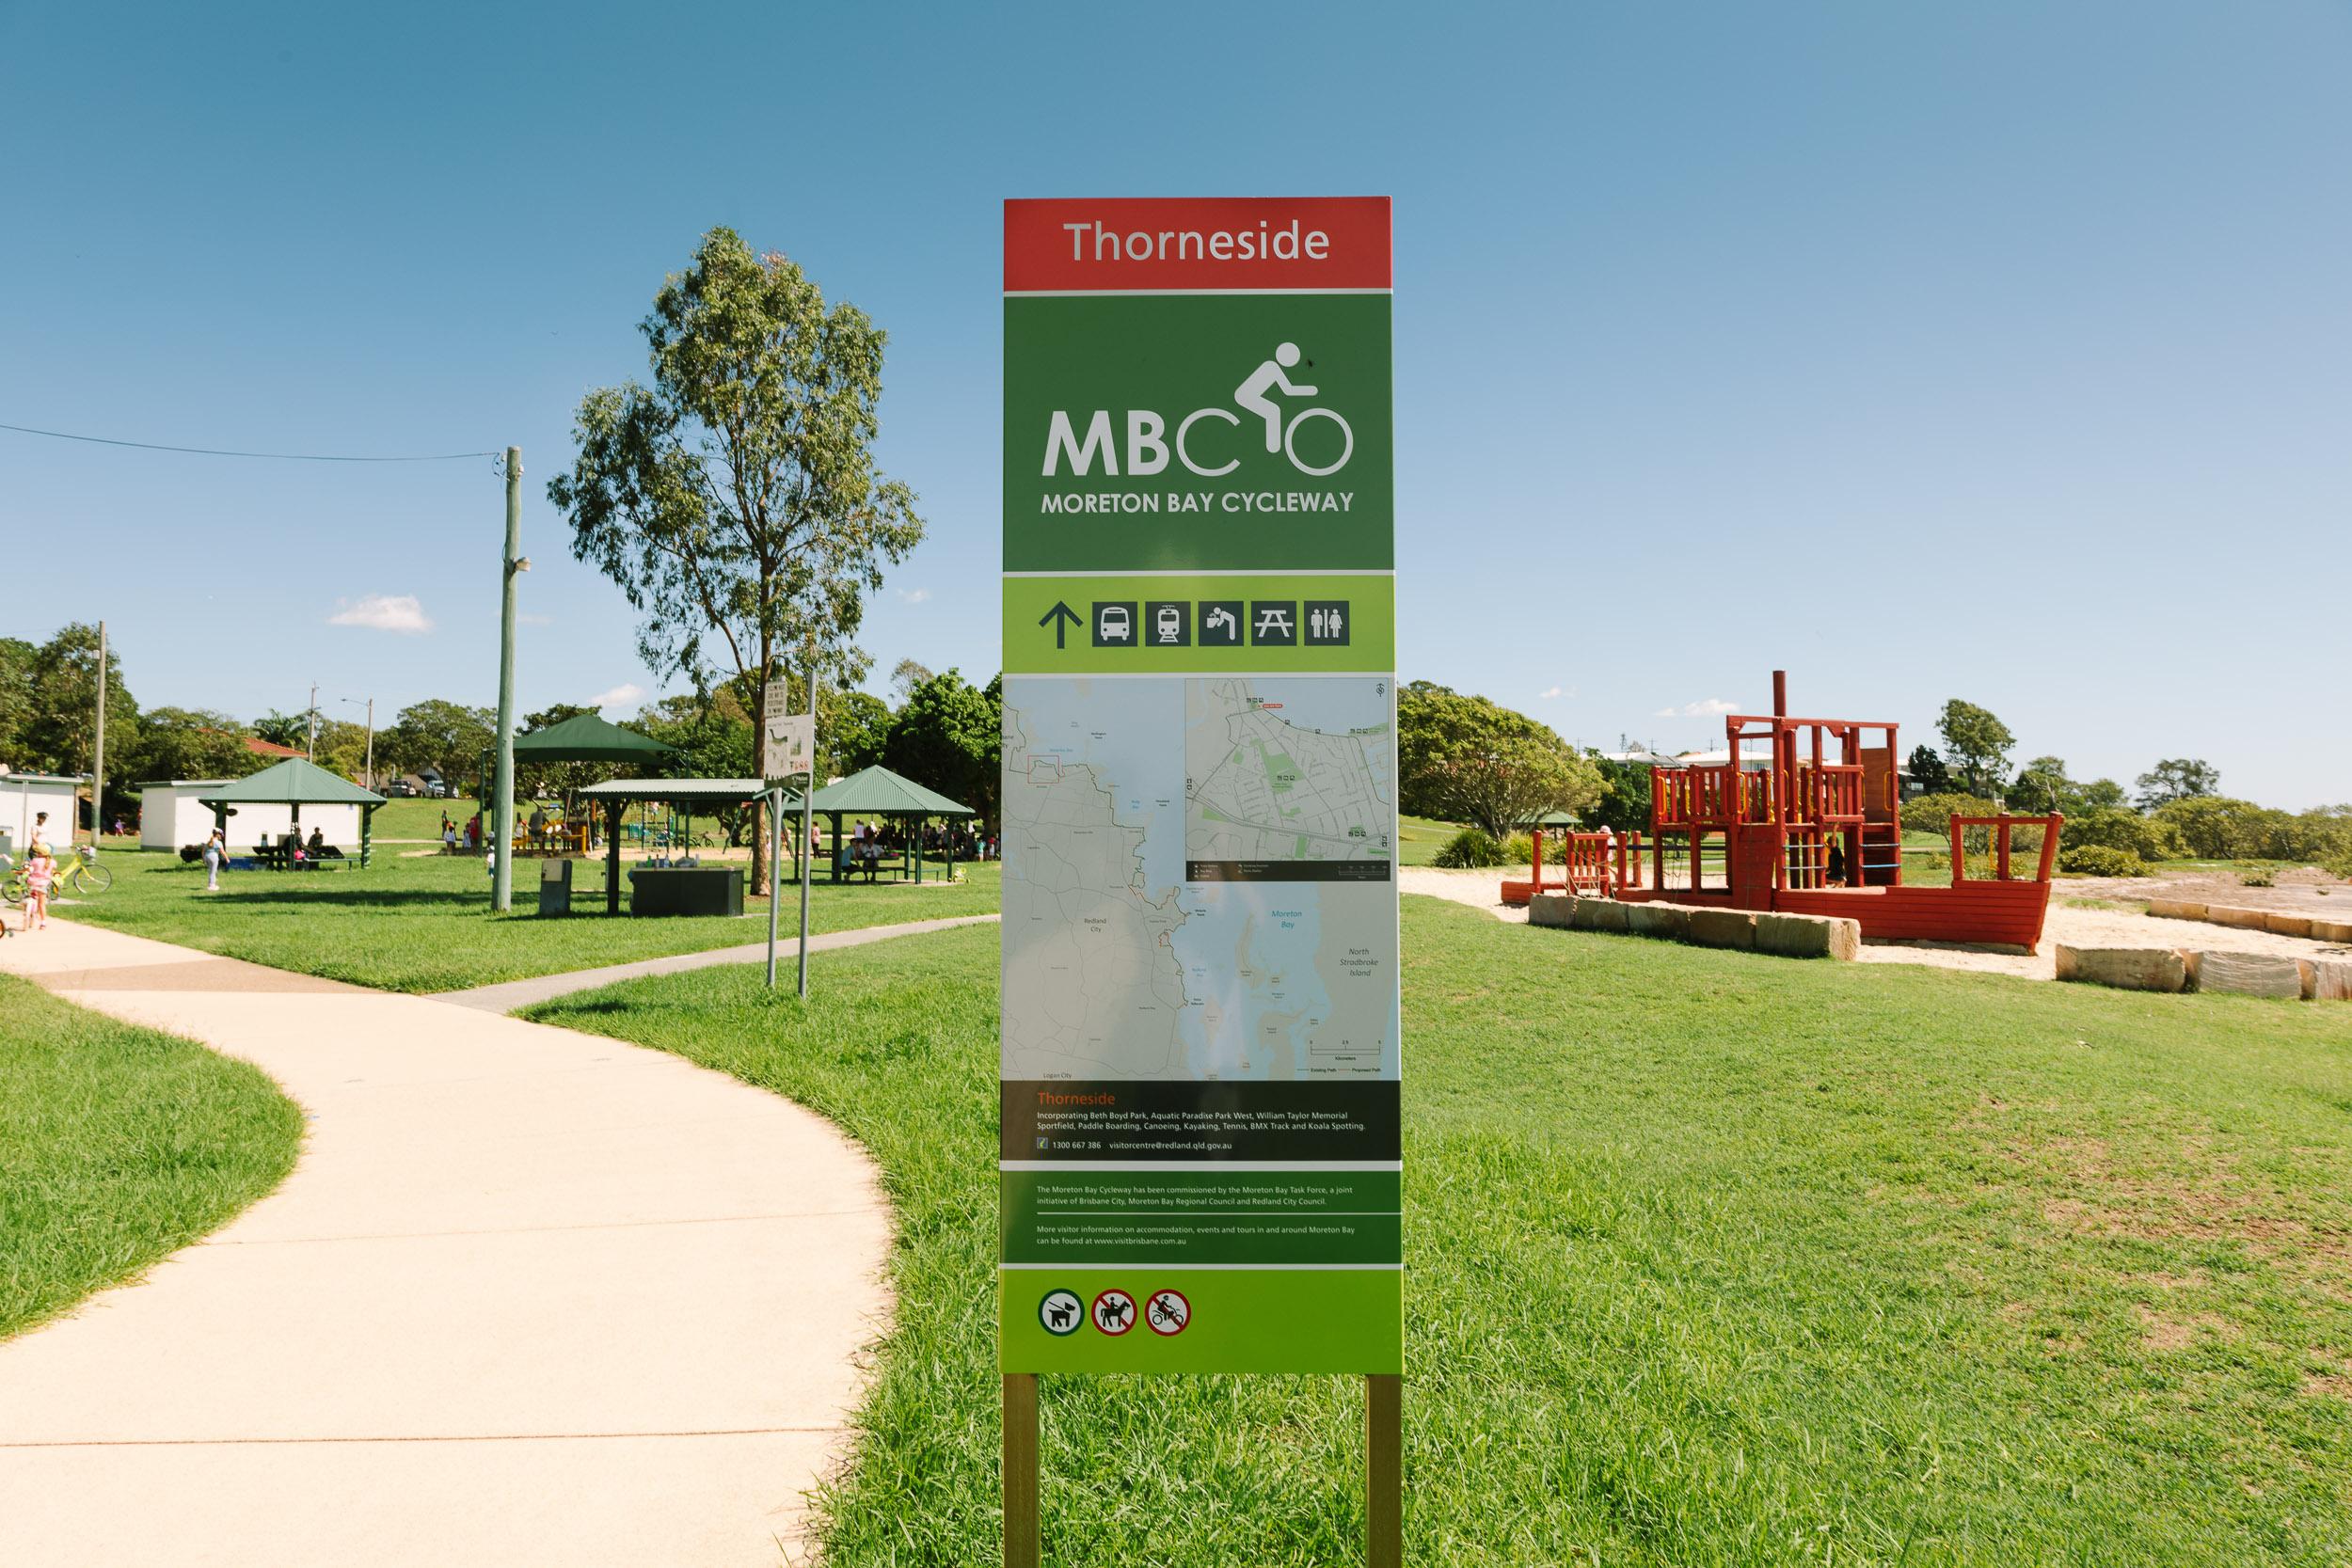 Beth Boyd Park Moreton Bay Cycleway